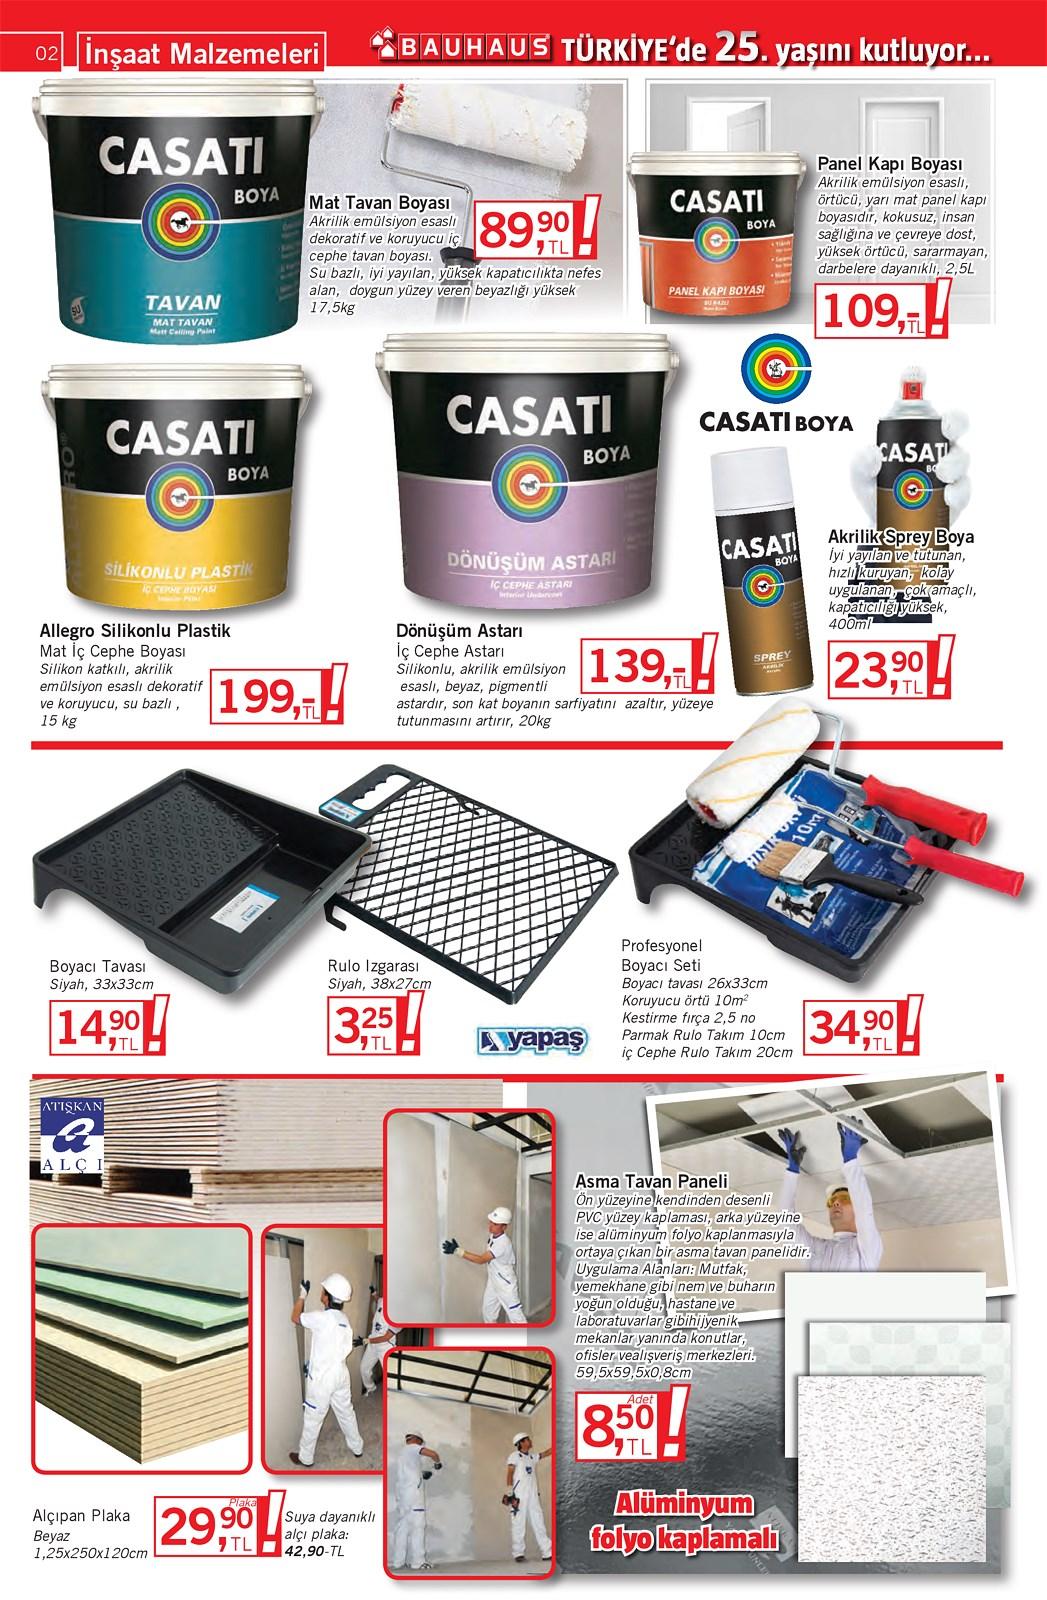 29.05.2021 Bauhaus broşürü 2. sayfa